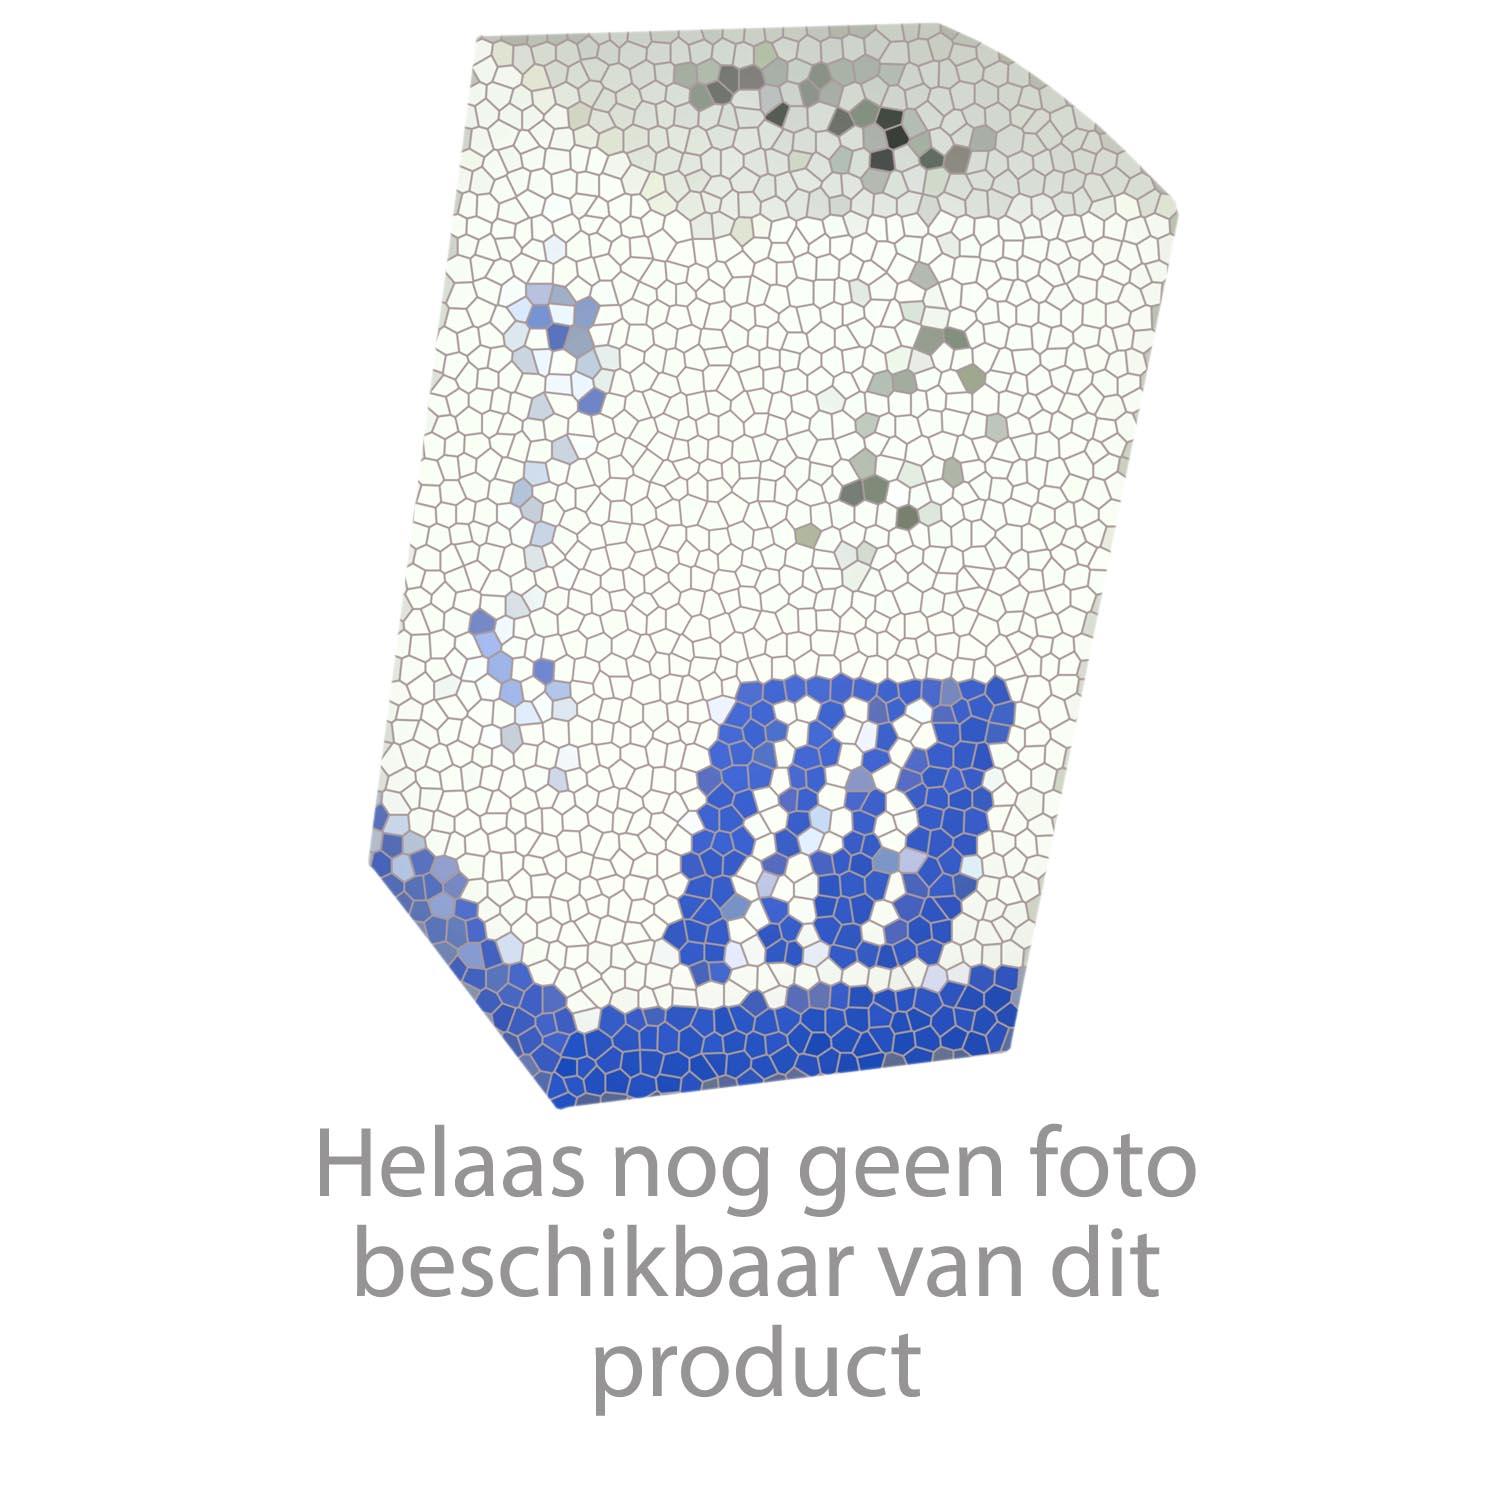 HansGrohe Keukenmengkranen Allegroh productiejaar 04/90 - 03/98 16812 onderdelen